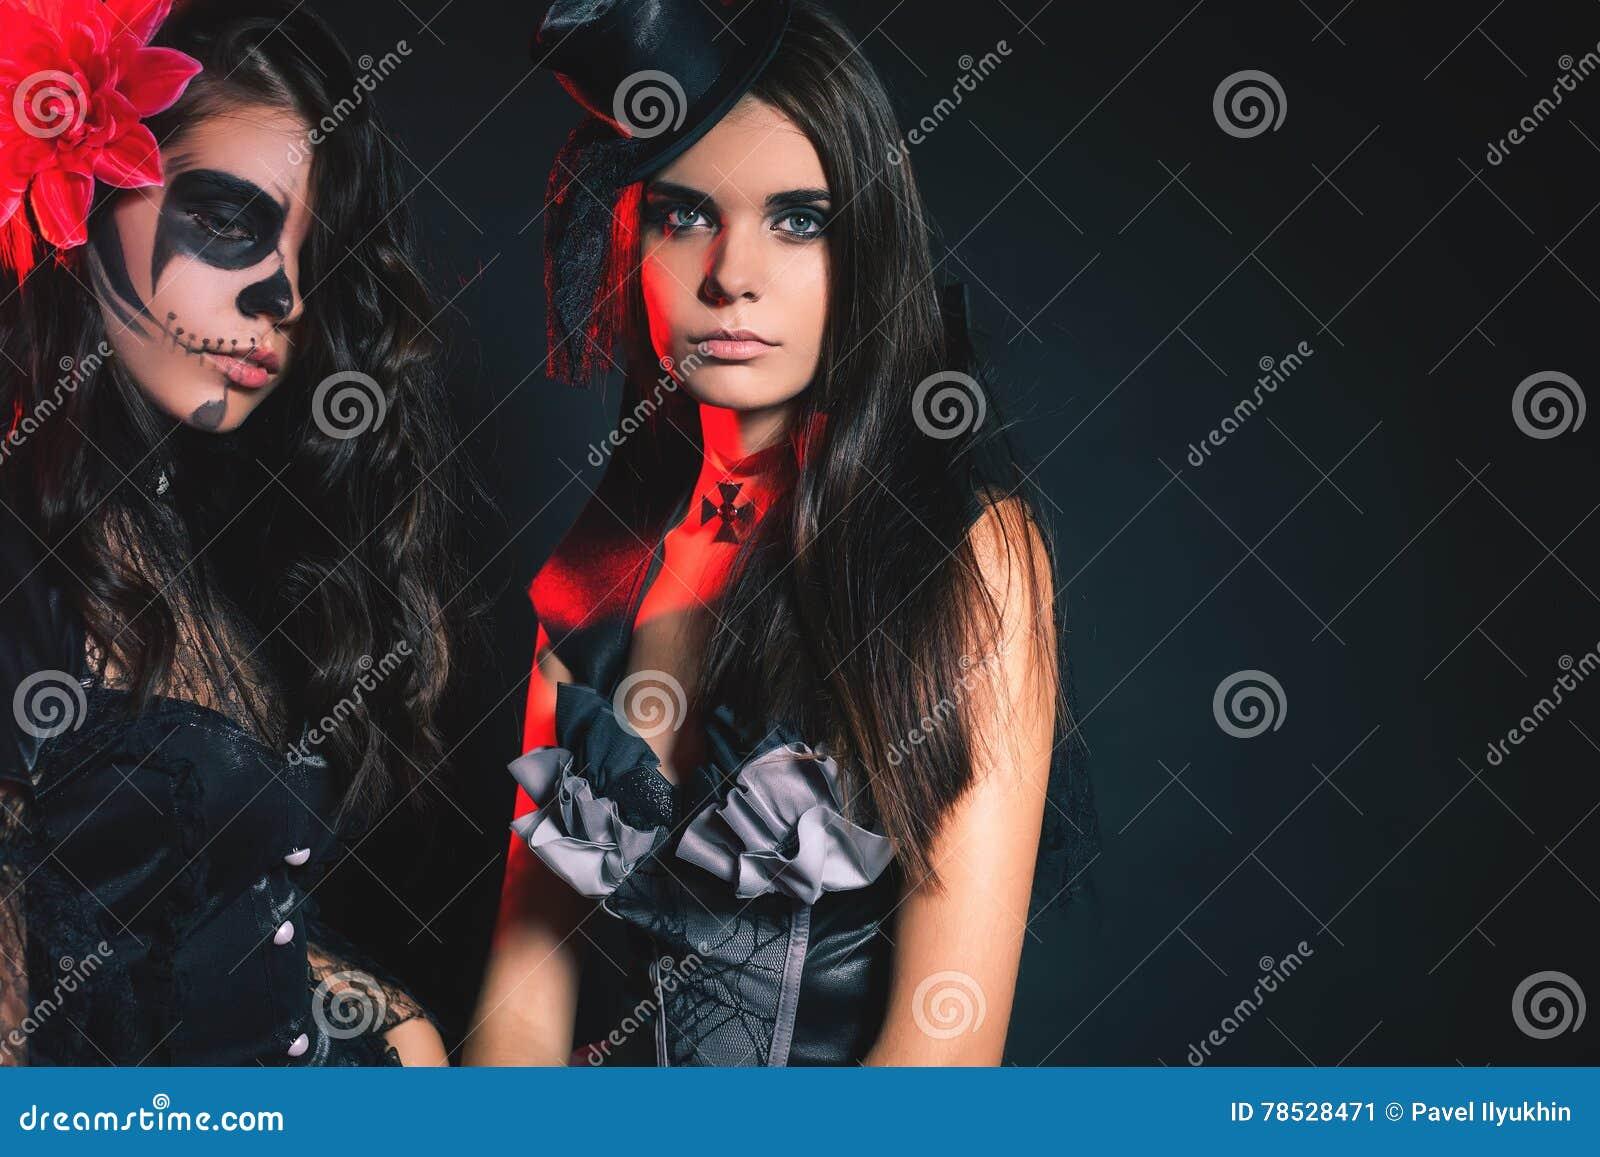 Καυτά teen babes φωτογραφίες